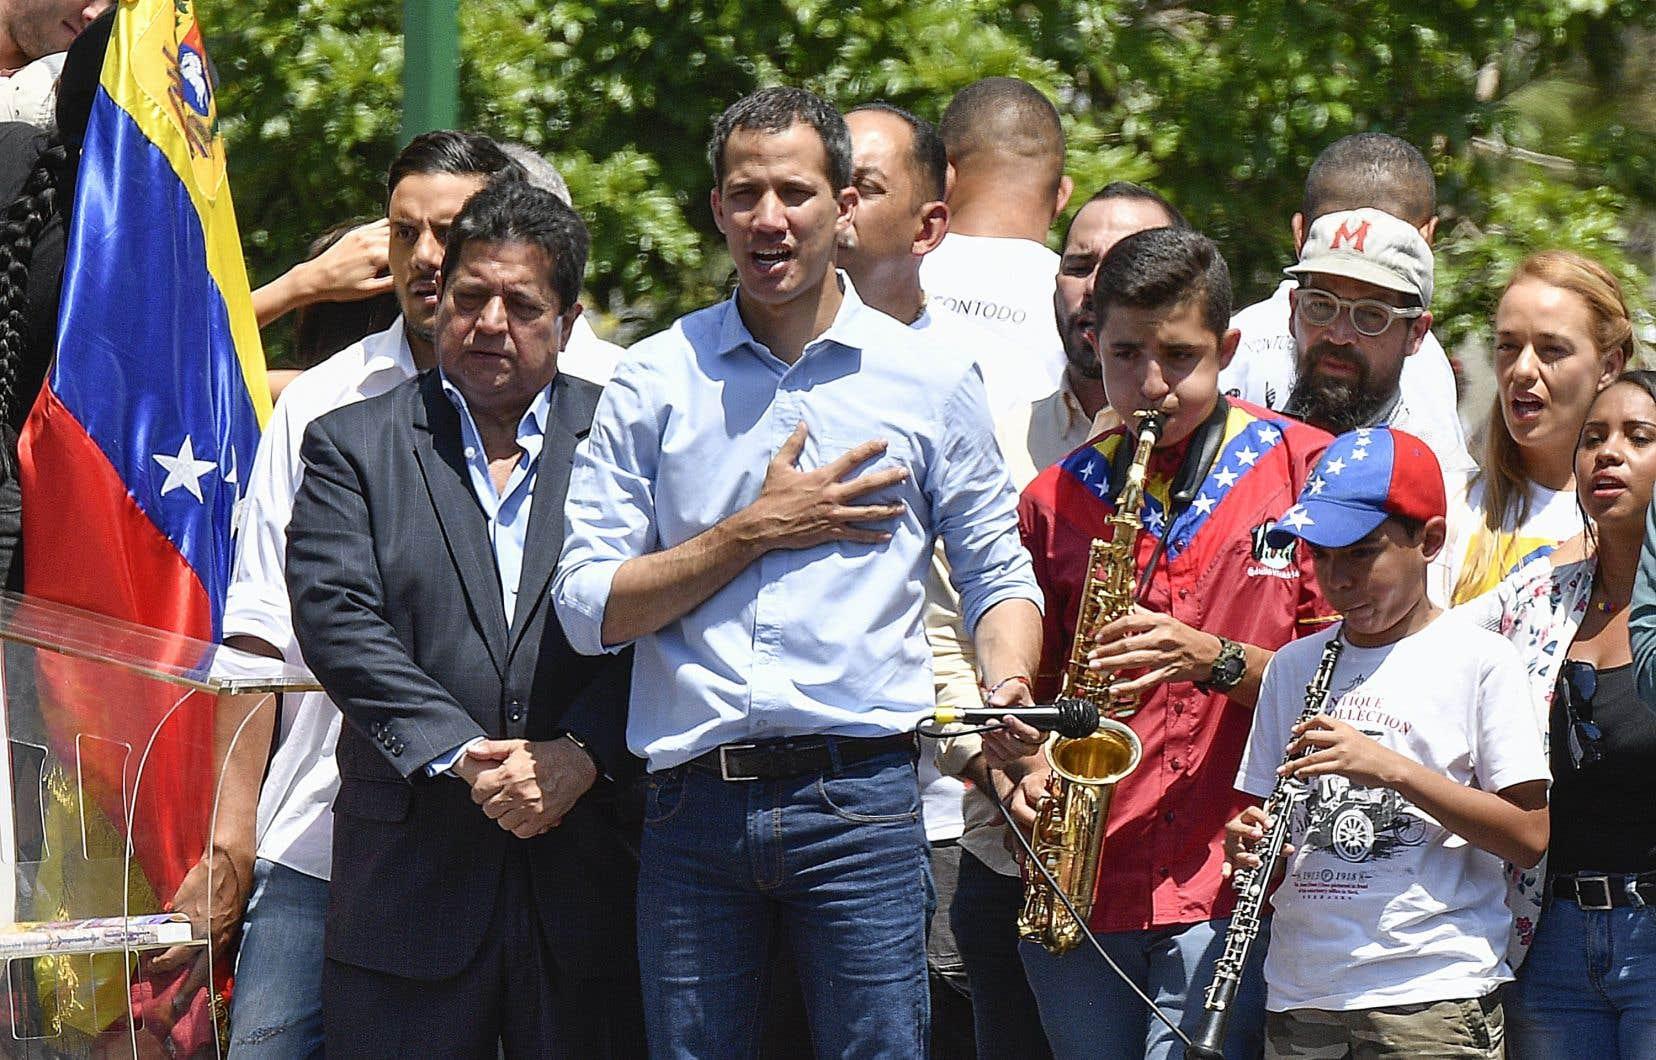 Le chef de l'opposition vénézuélienne, Juan Guaidó, a déclaré samedi avoir lancé la «phase définitive» de l'éviction du président Nicolas Maduro